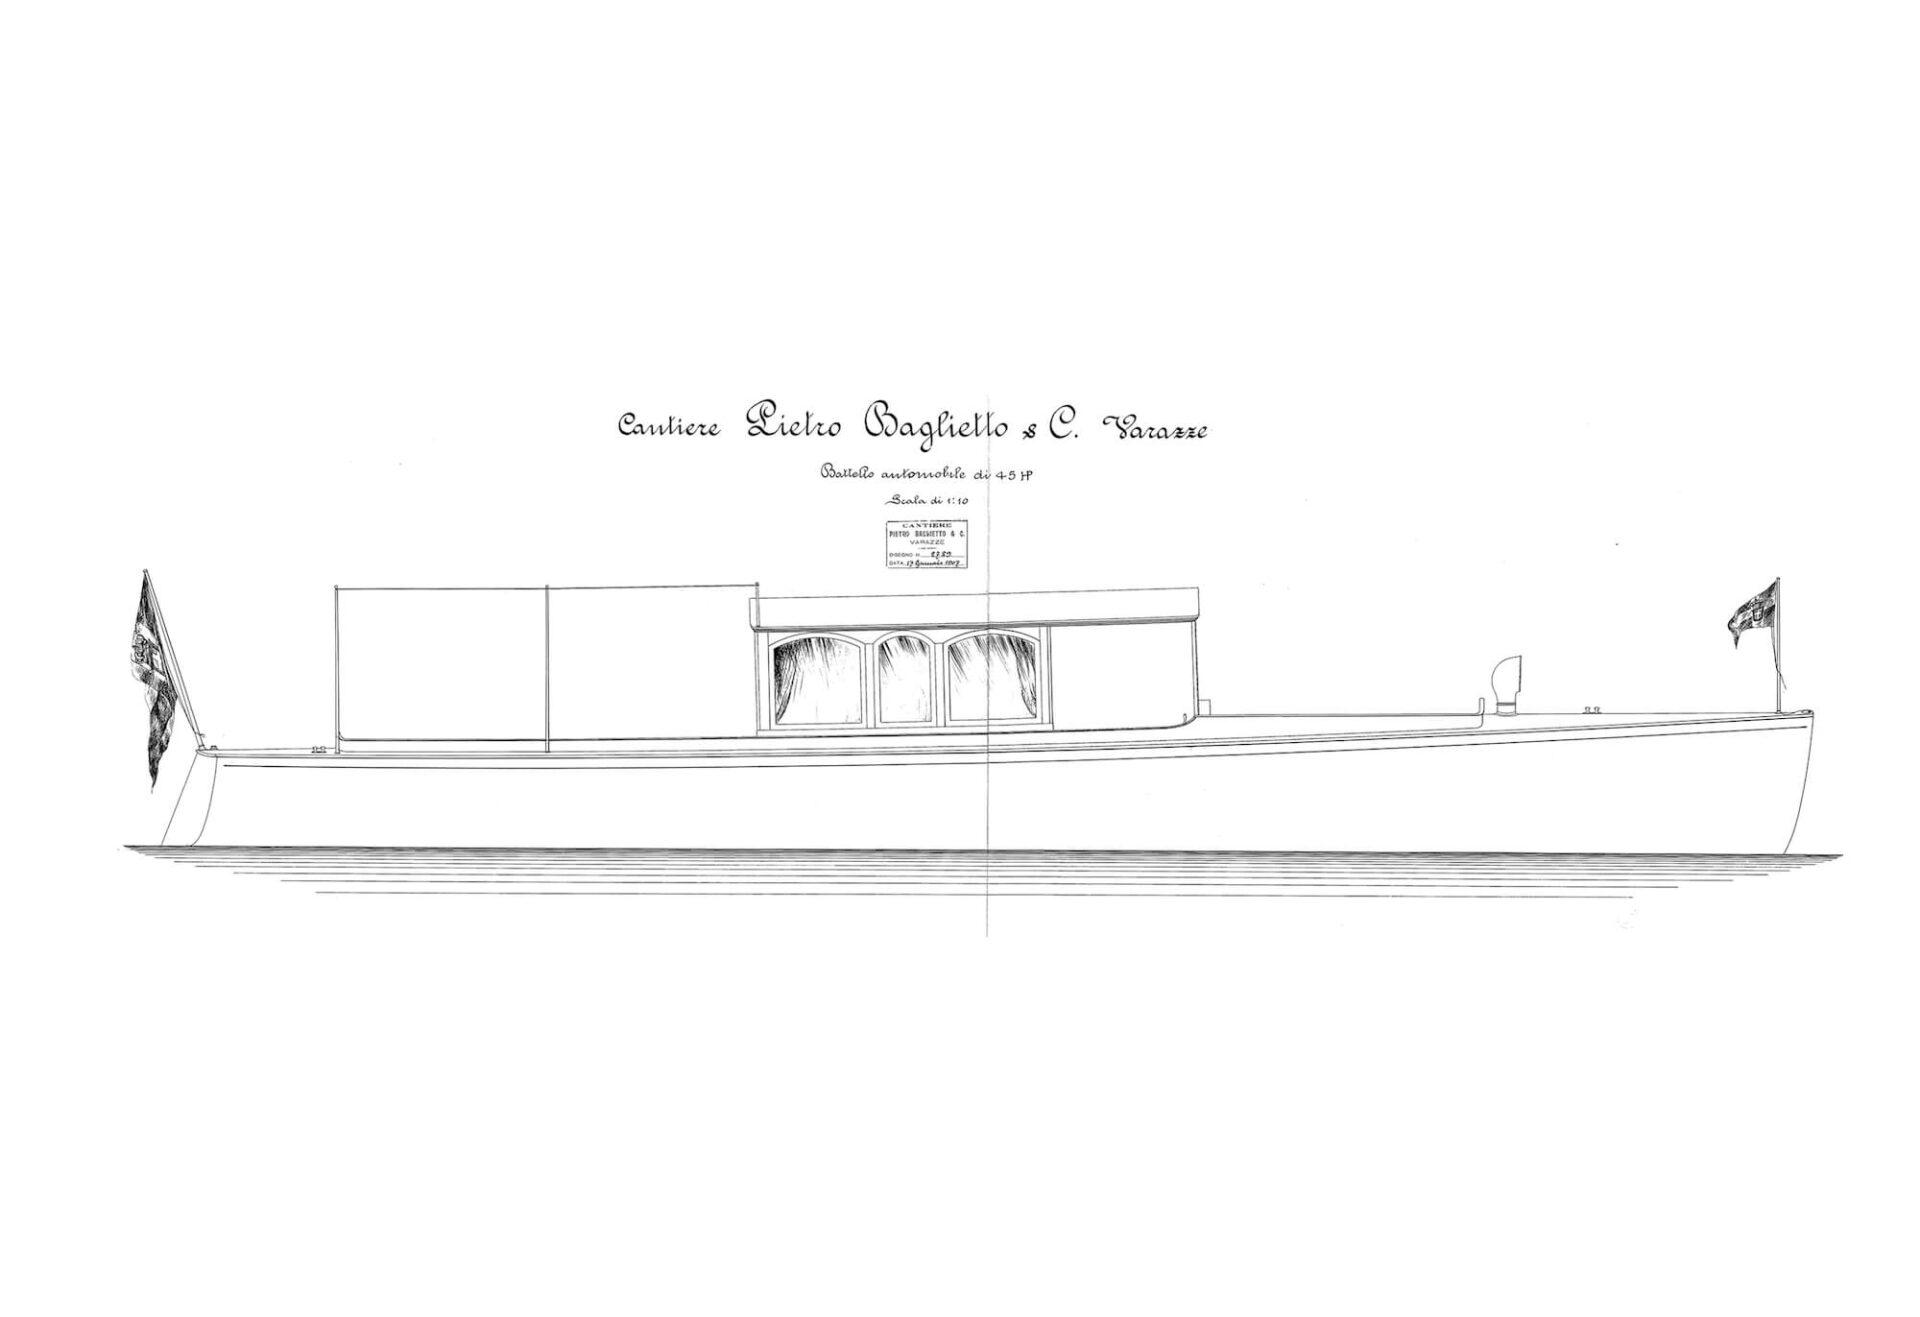 1907 - Progetto per un battello automobile